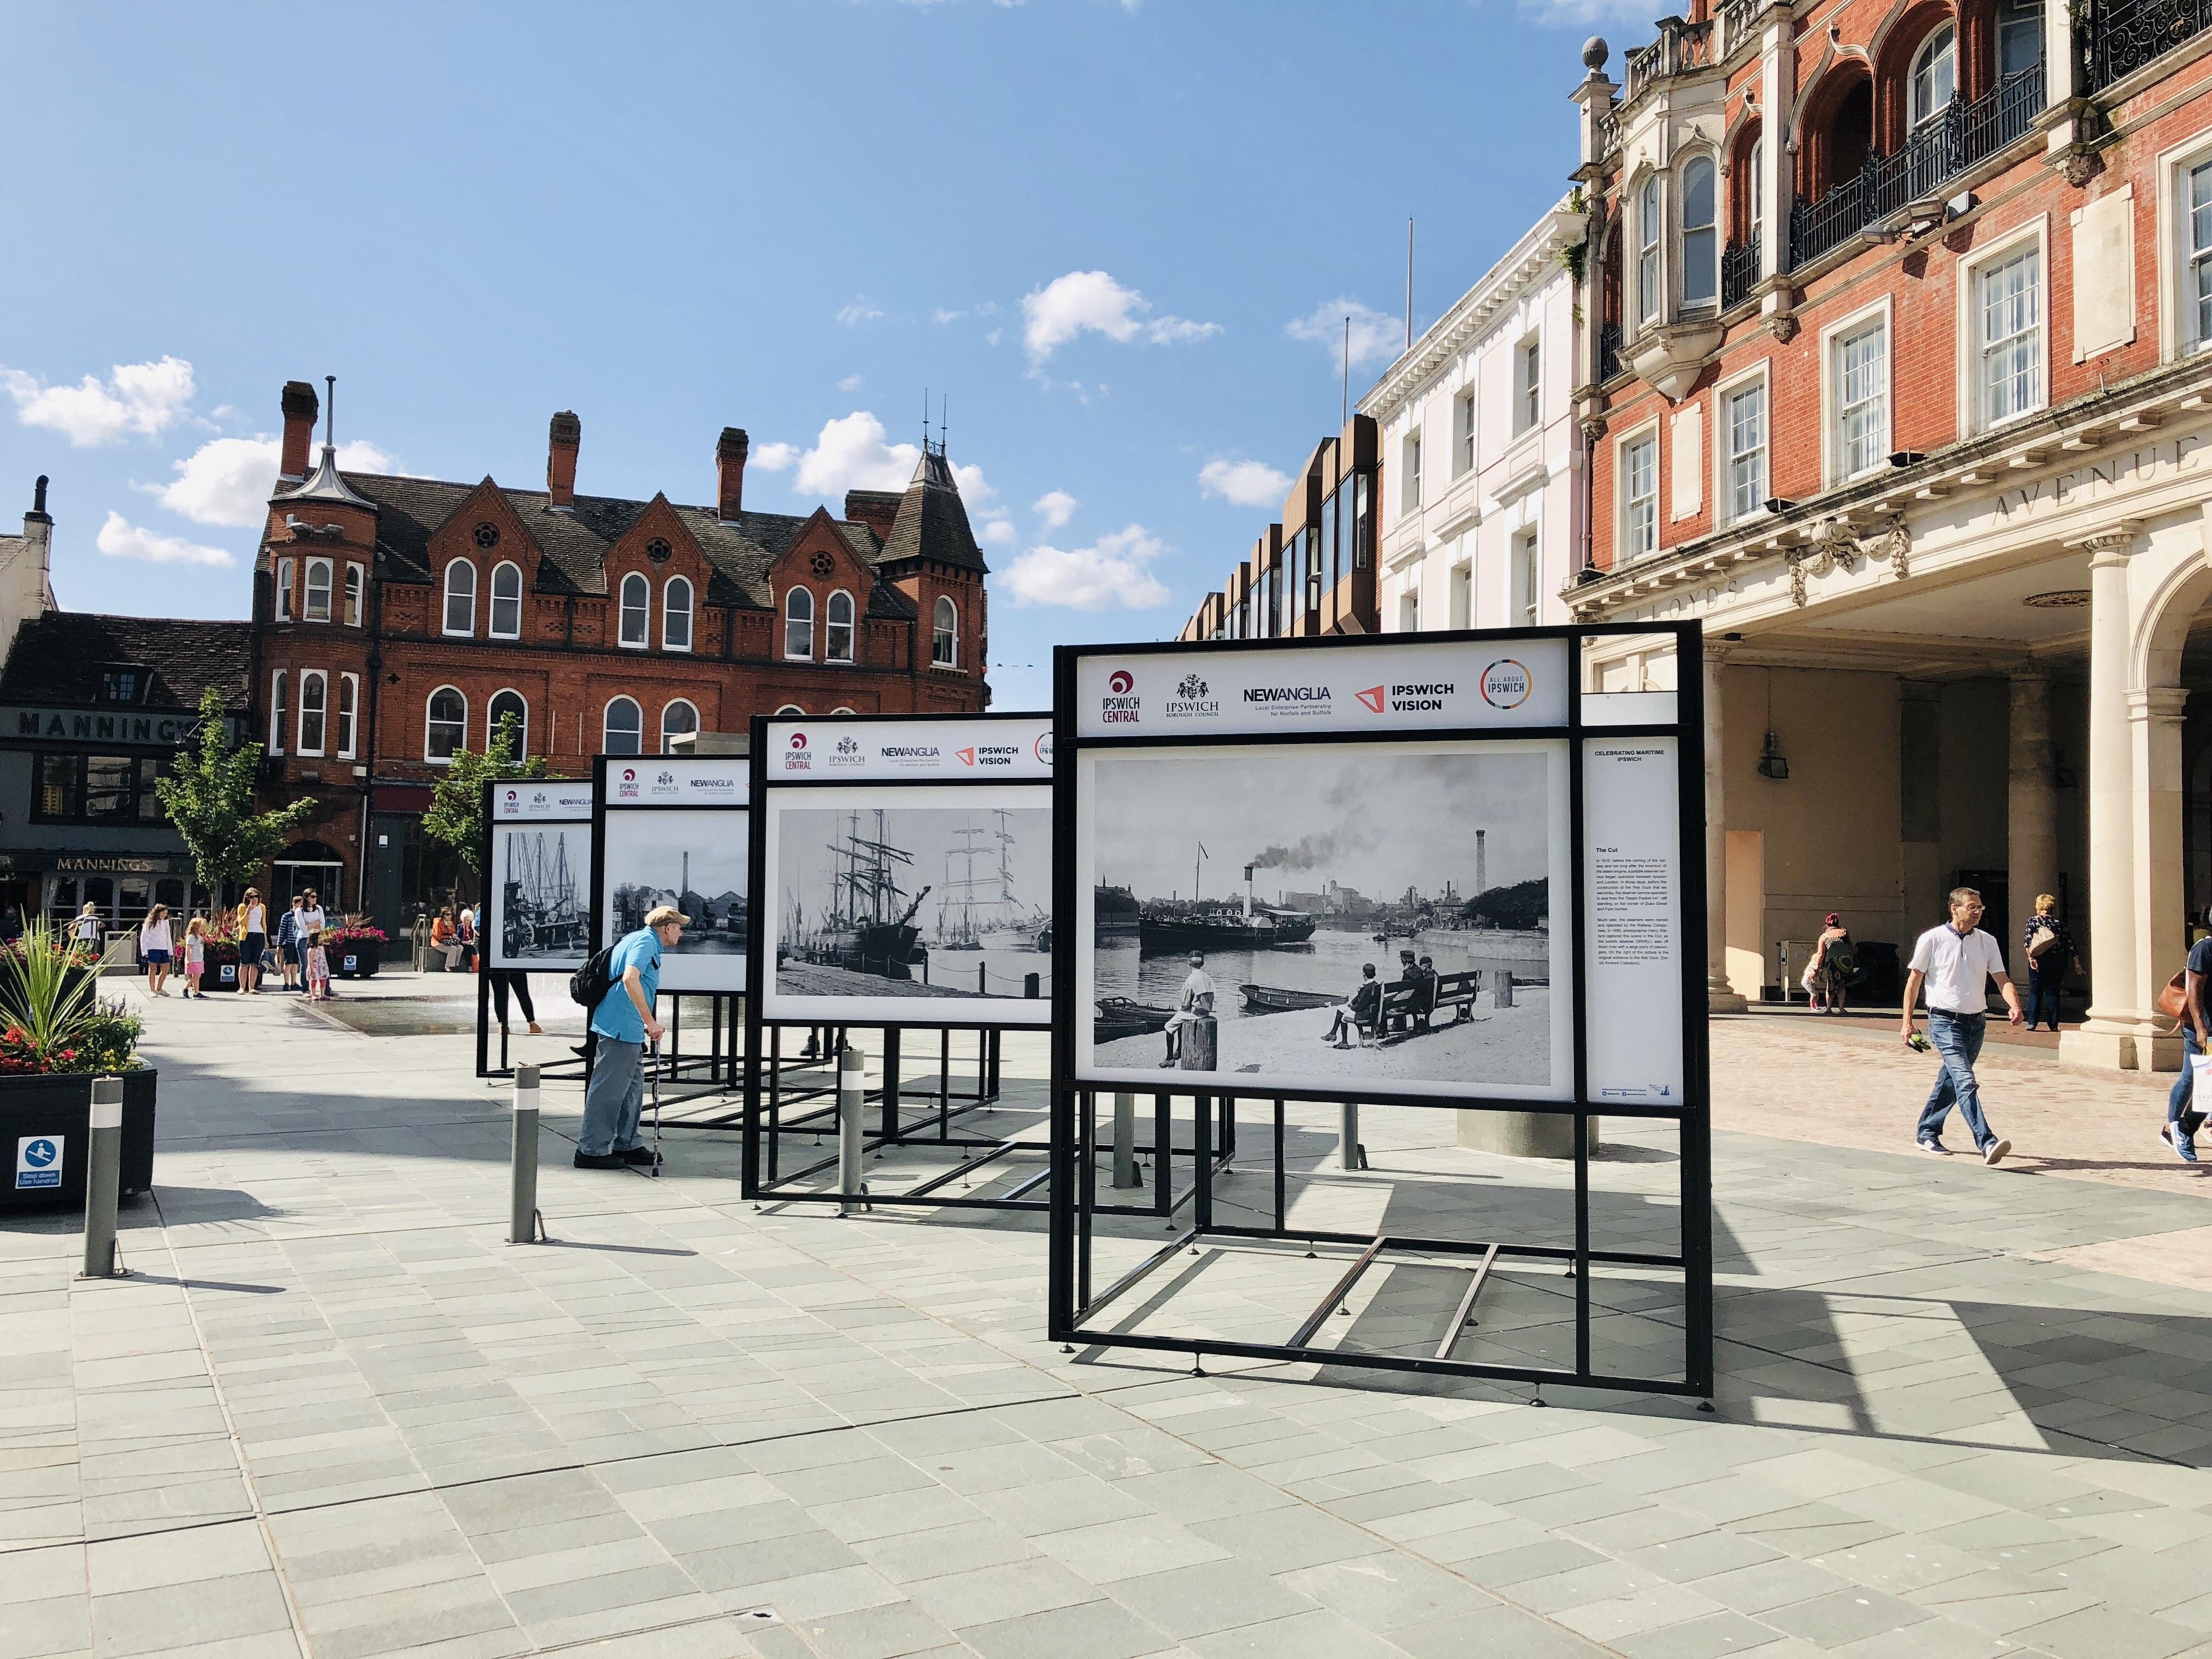 5. Events on the Cornhill Square